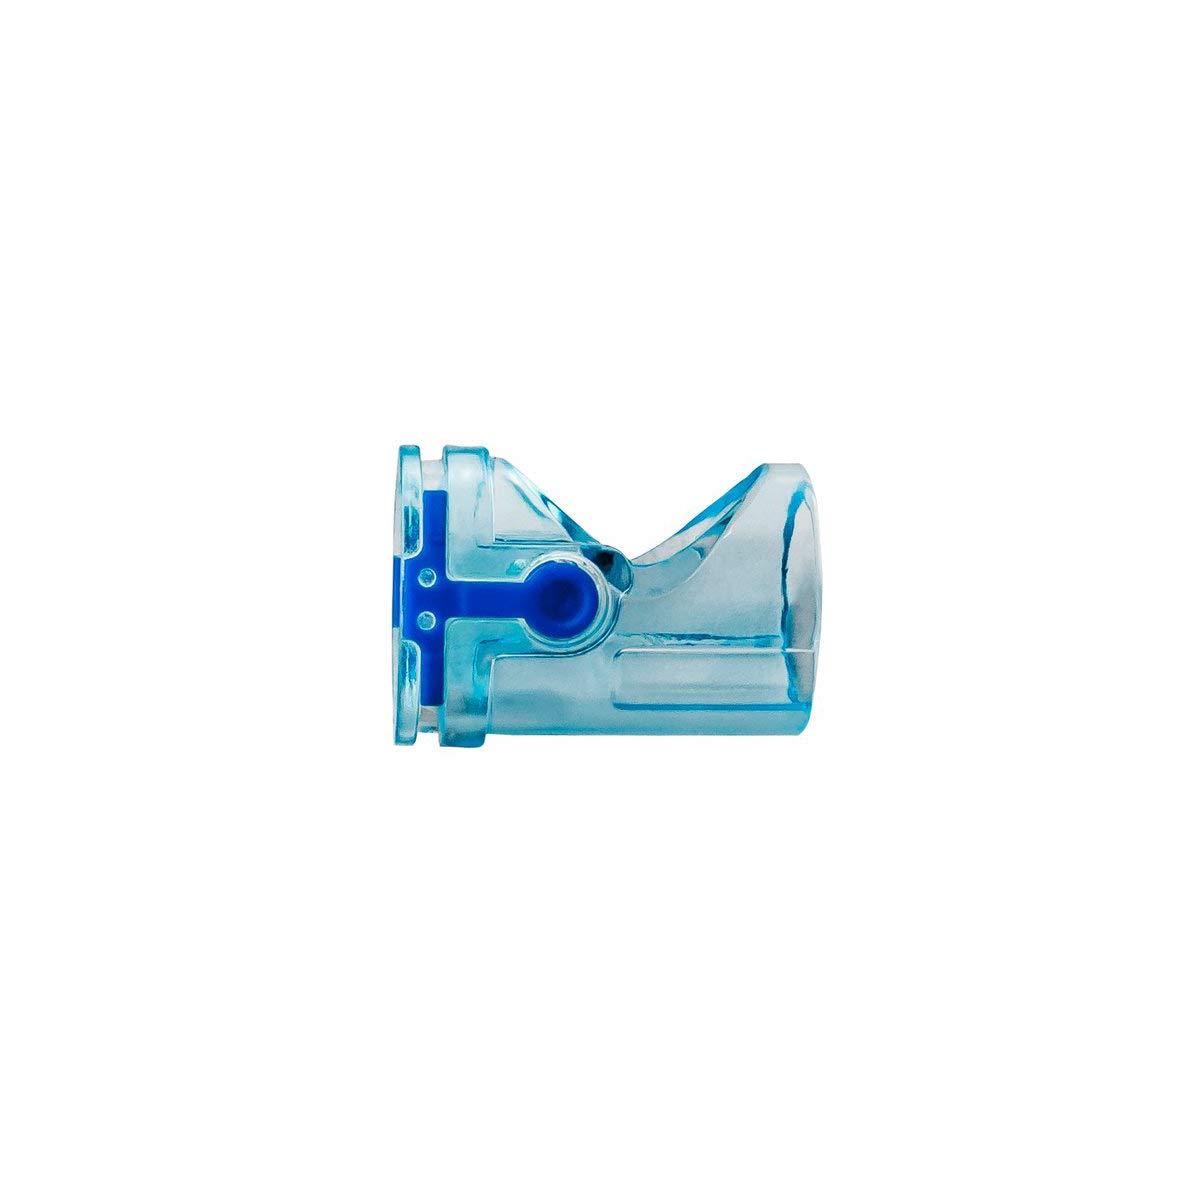 Dye Eye Pipe/Detent System - M2 / M3 / Rize/DSR - 4th Gen by Dye